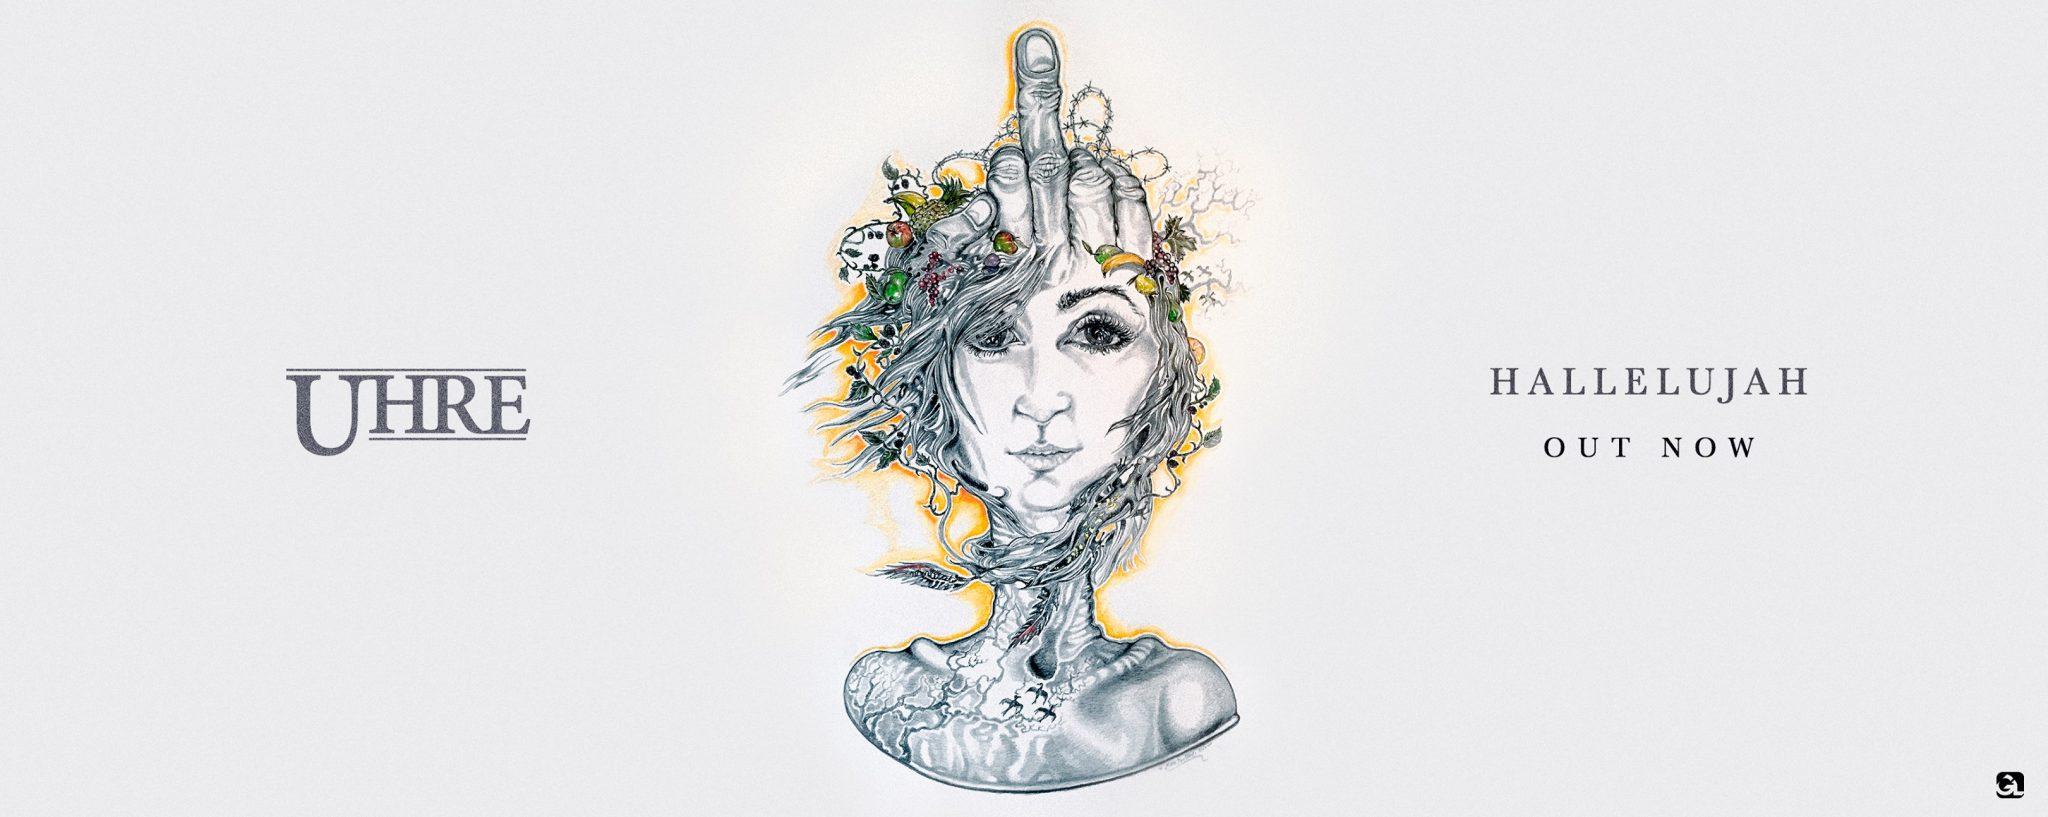 listen-hallelujah-by-uhre-alexander brown-alternative version-indie music-new music-indie pop-indie blog-music blog-wolf in a suit-wolfinasuit